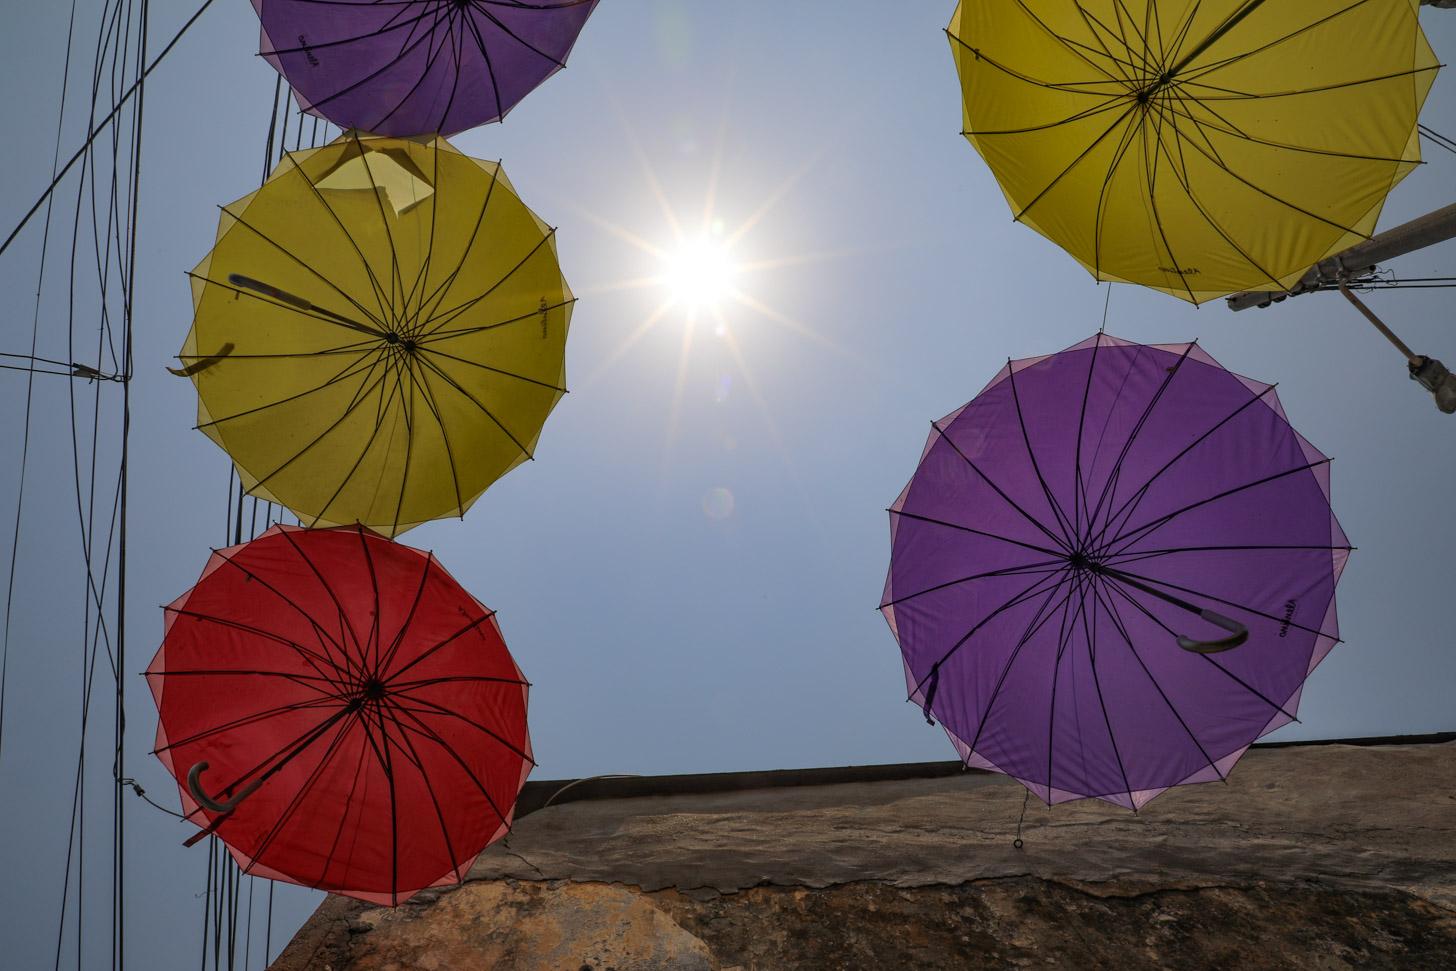 paraplu's tegen de regen